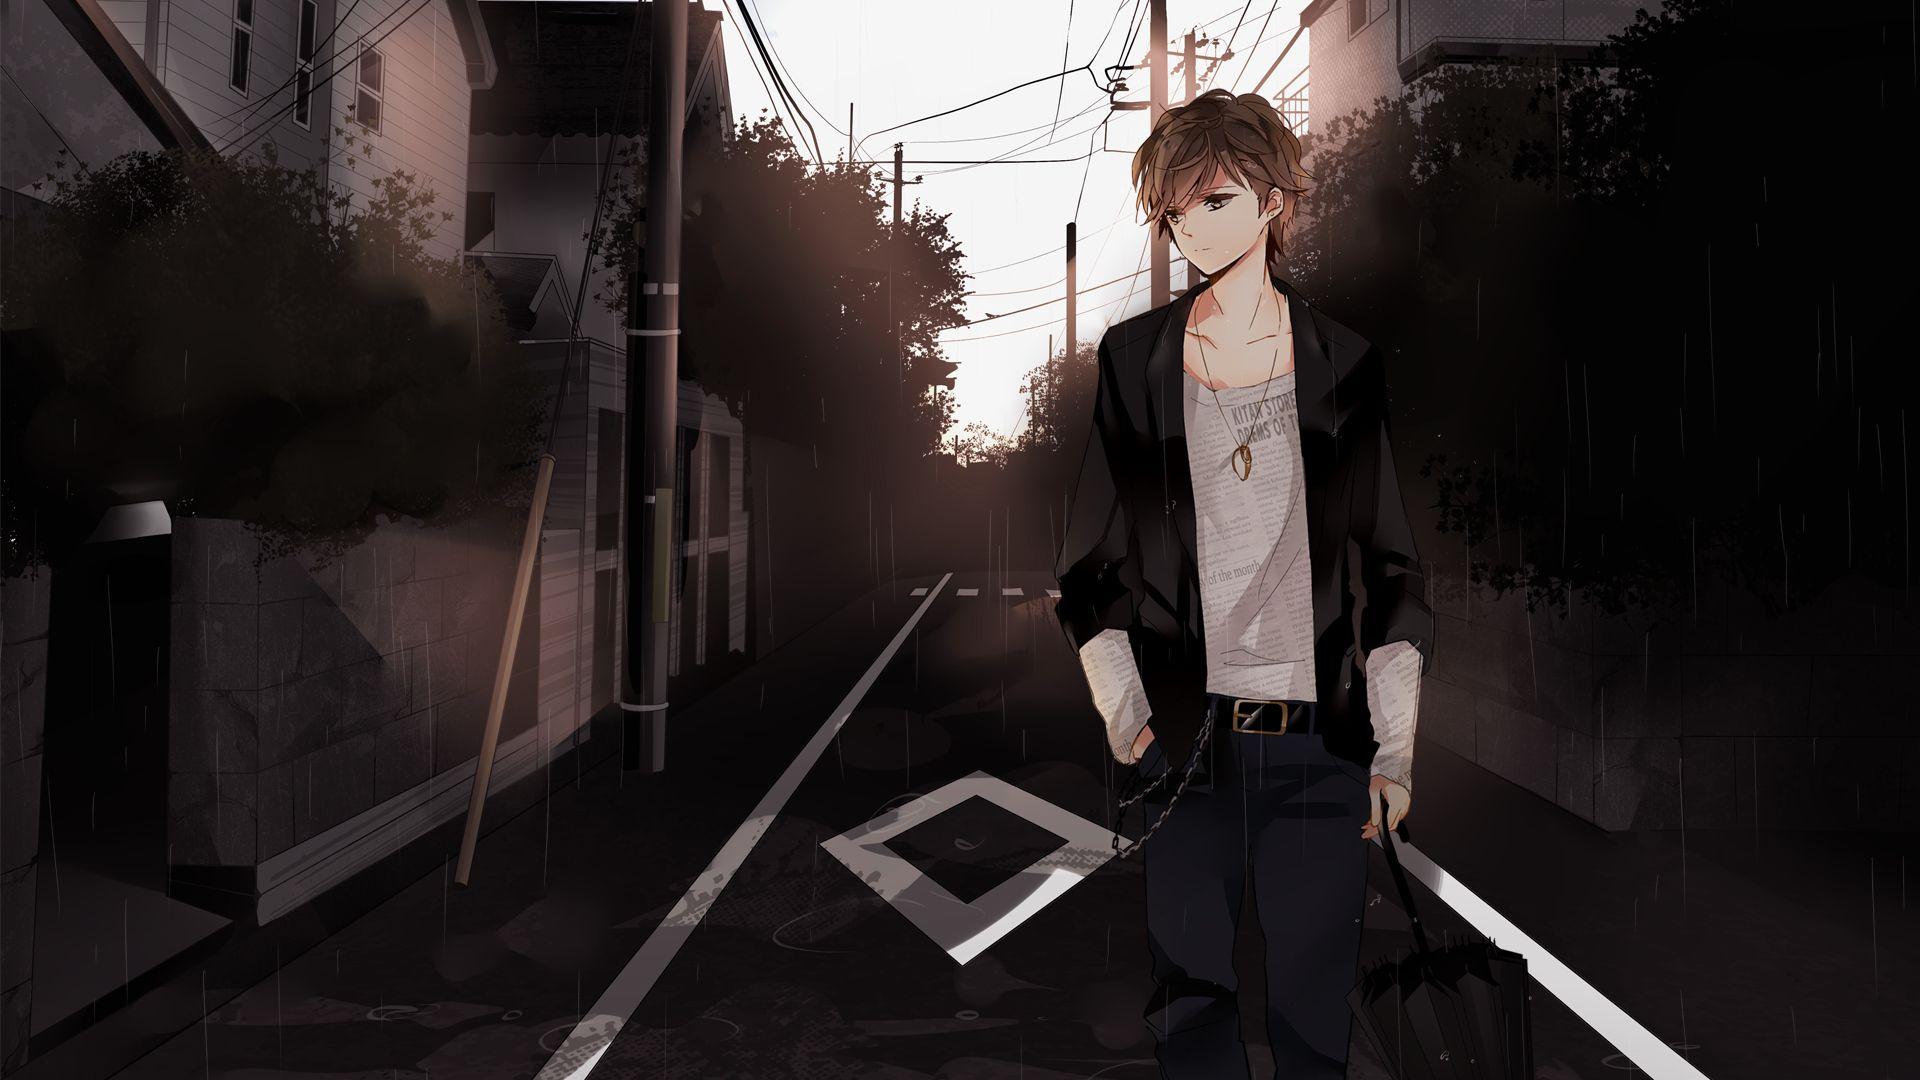 Sad Anime Boy Wallpapers   Top Sad Anime Boy Backgrounds 1920x1080